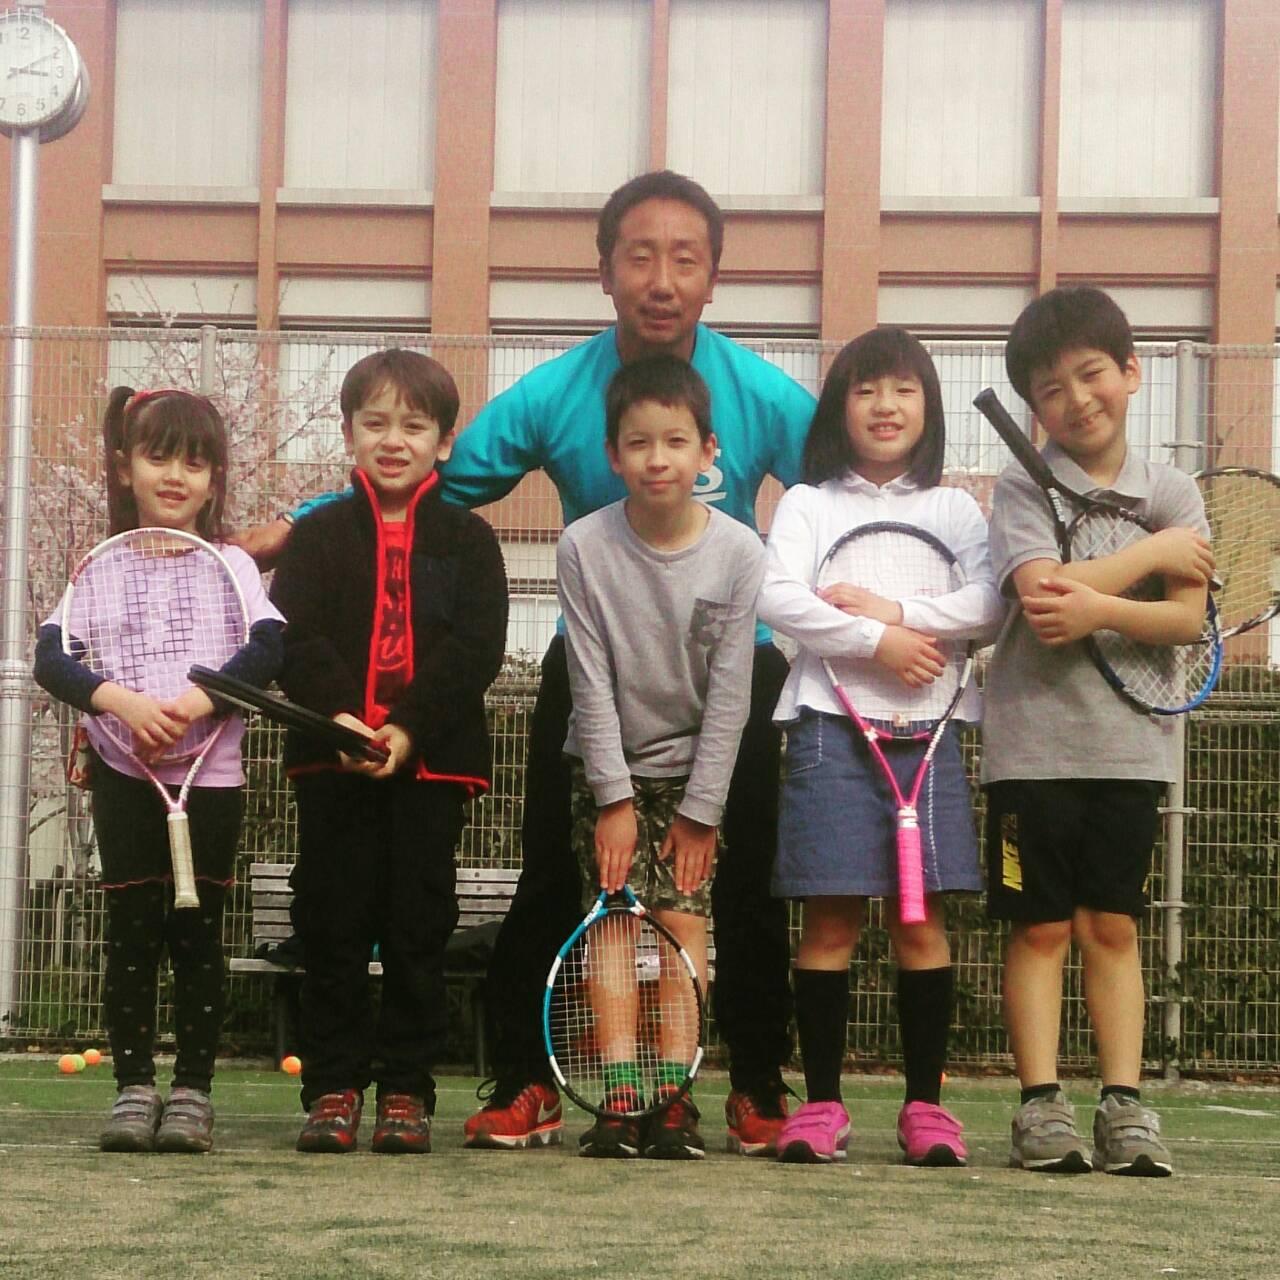 【未経験者大歓迎】親子でテニスを楽しもう‼ 表参道・広尾親子テニス教室🎾